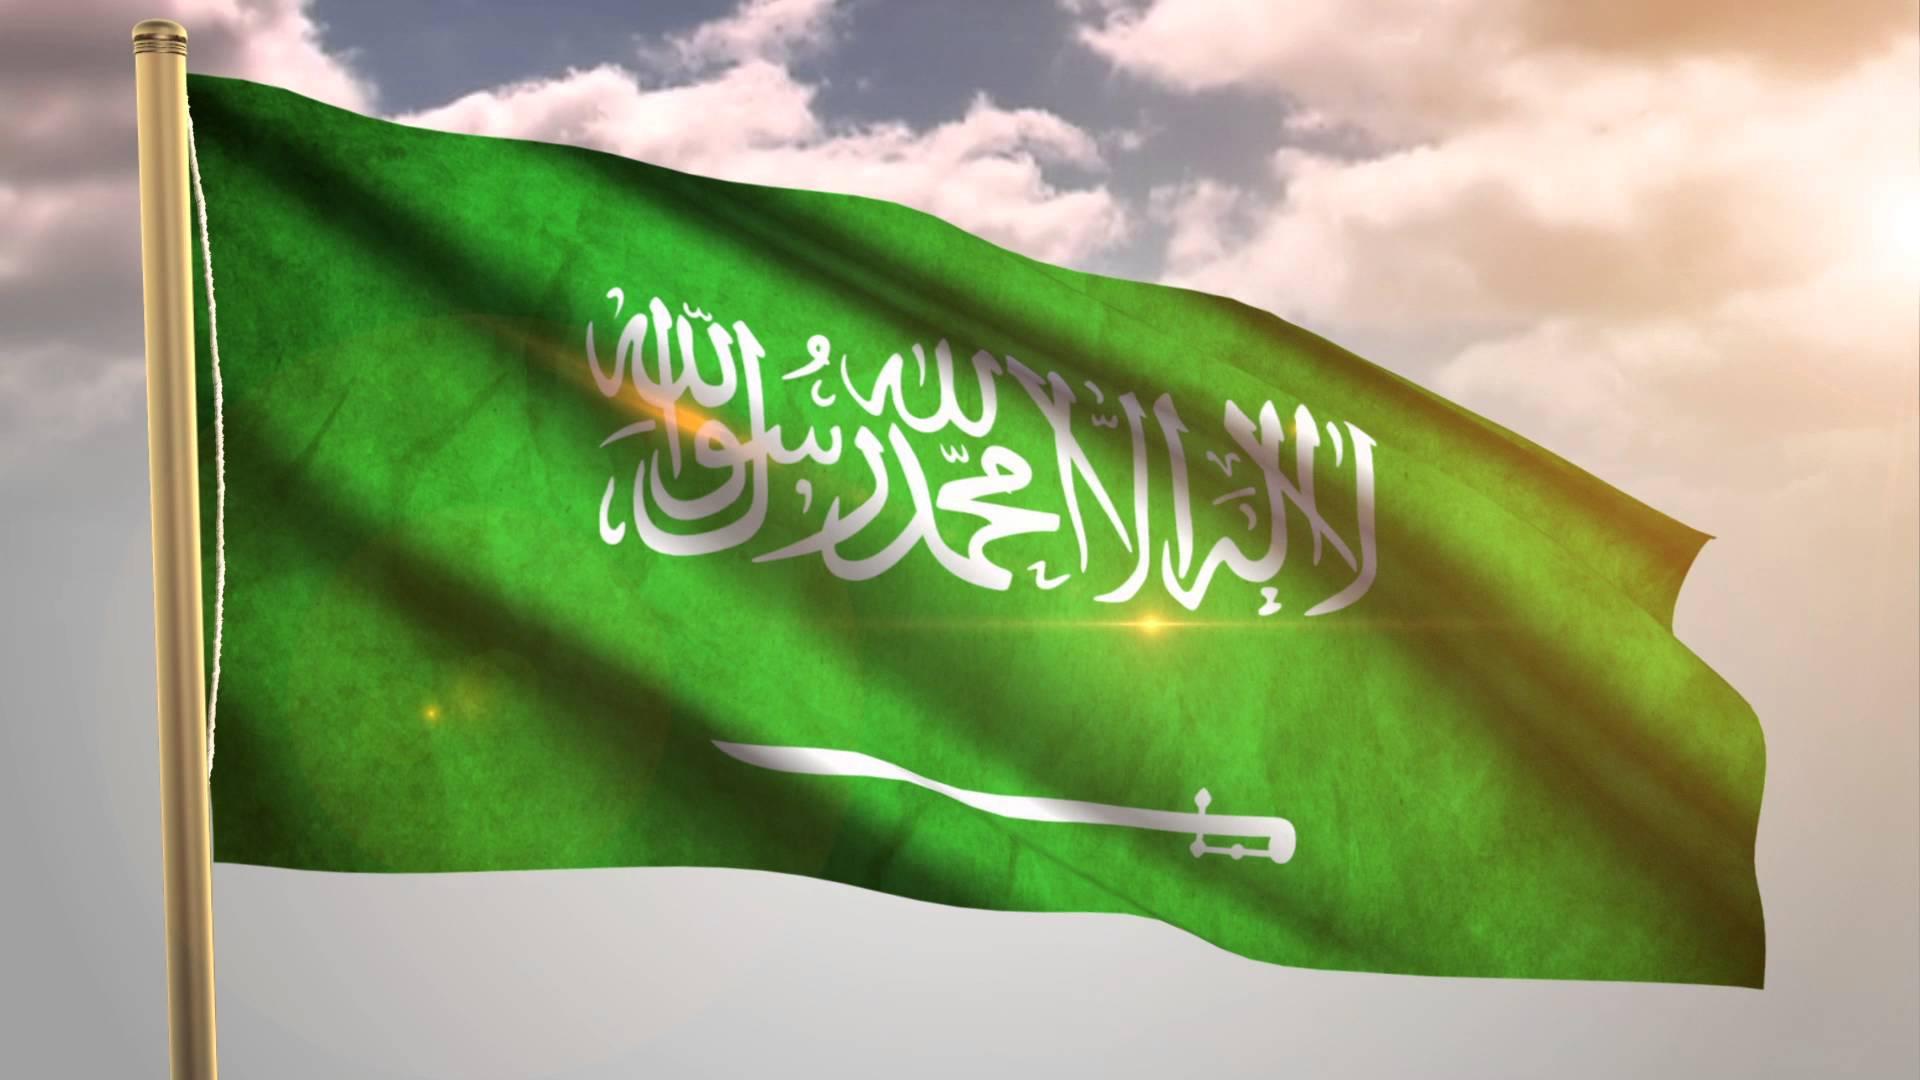 بالصور صور علم السعوديه , احدث صور لعلم دولة السعودية 3268 3